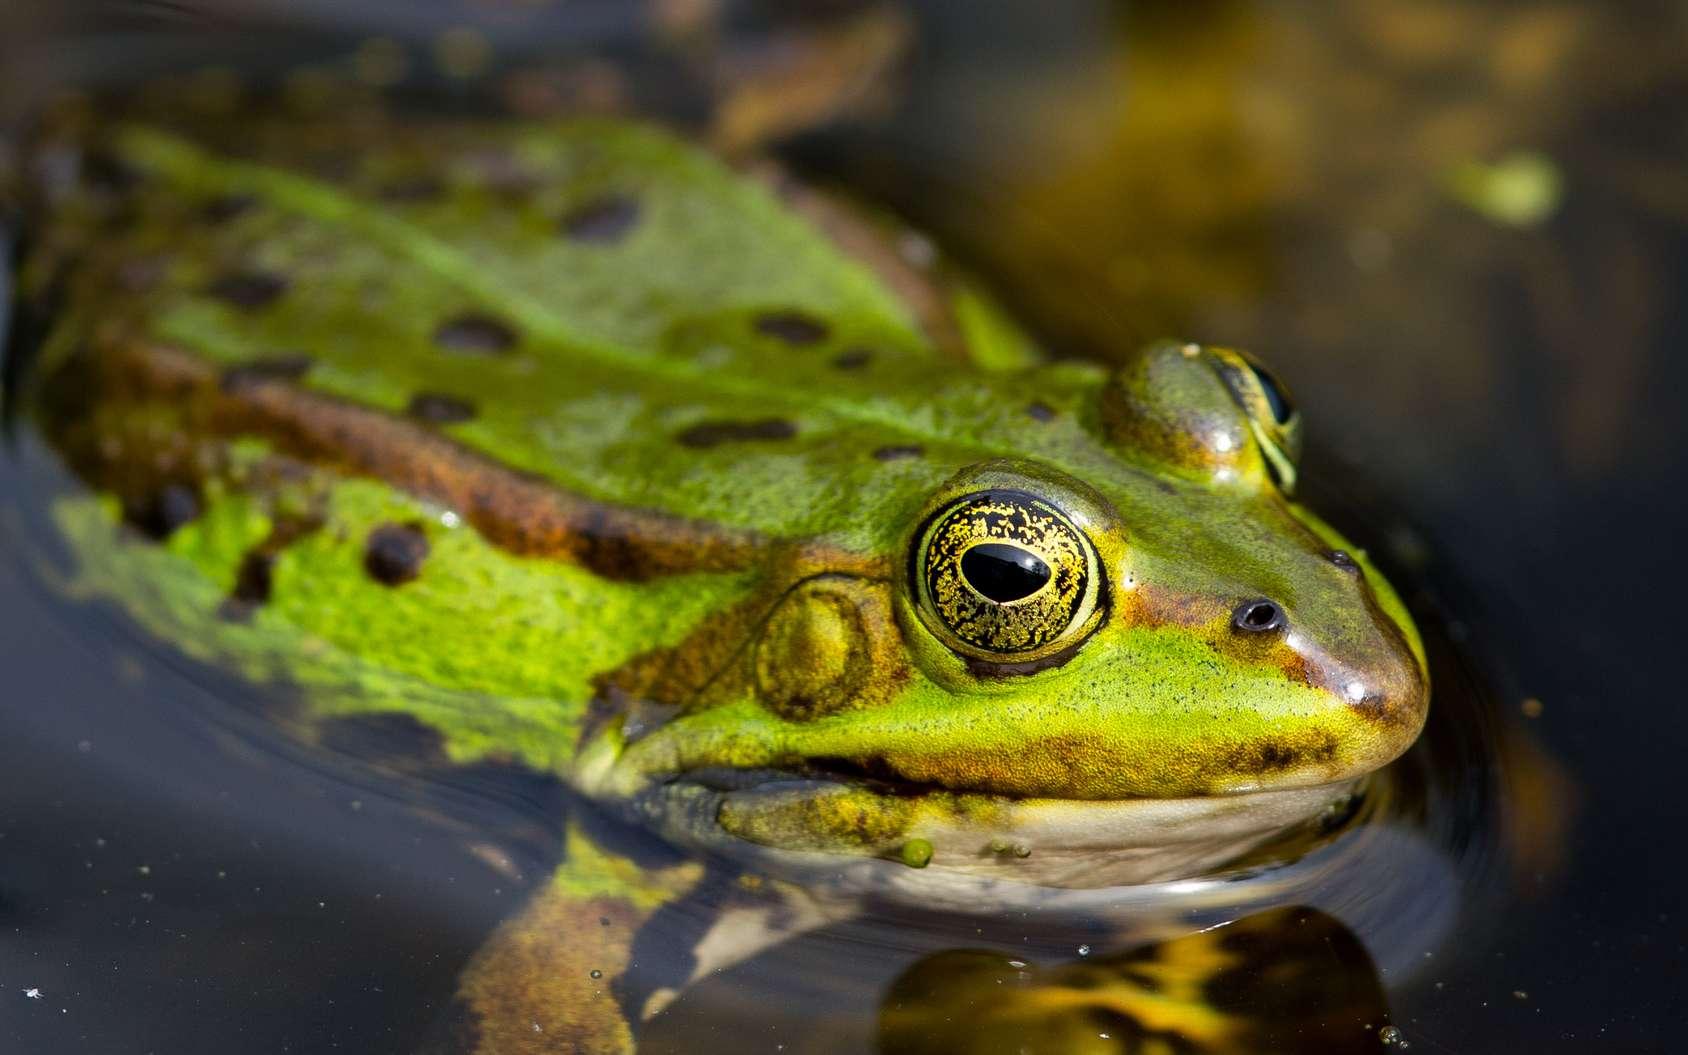 La grenouille n'est pas la femelle du crapaud. Crapauds et grenouilles sont bien des animaux différents. Ici, une grenouille verte (Rana esculenta). © Alexander von Düren, Fotolia